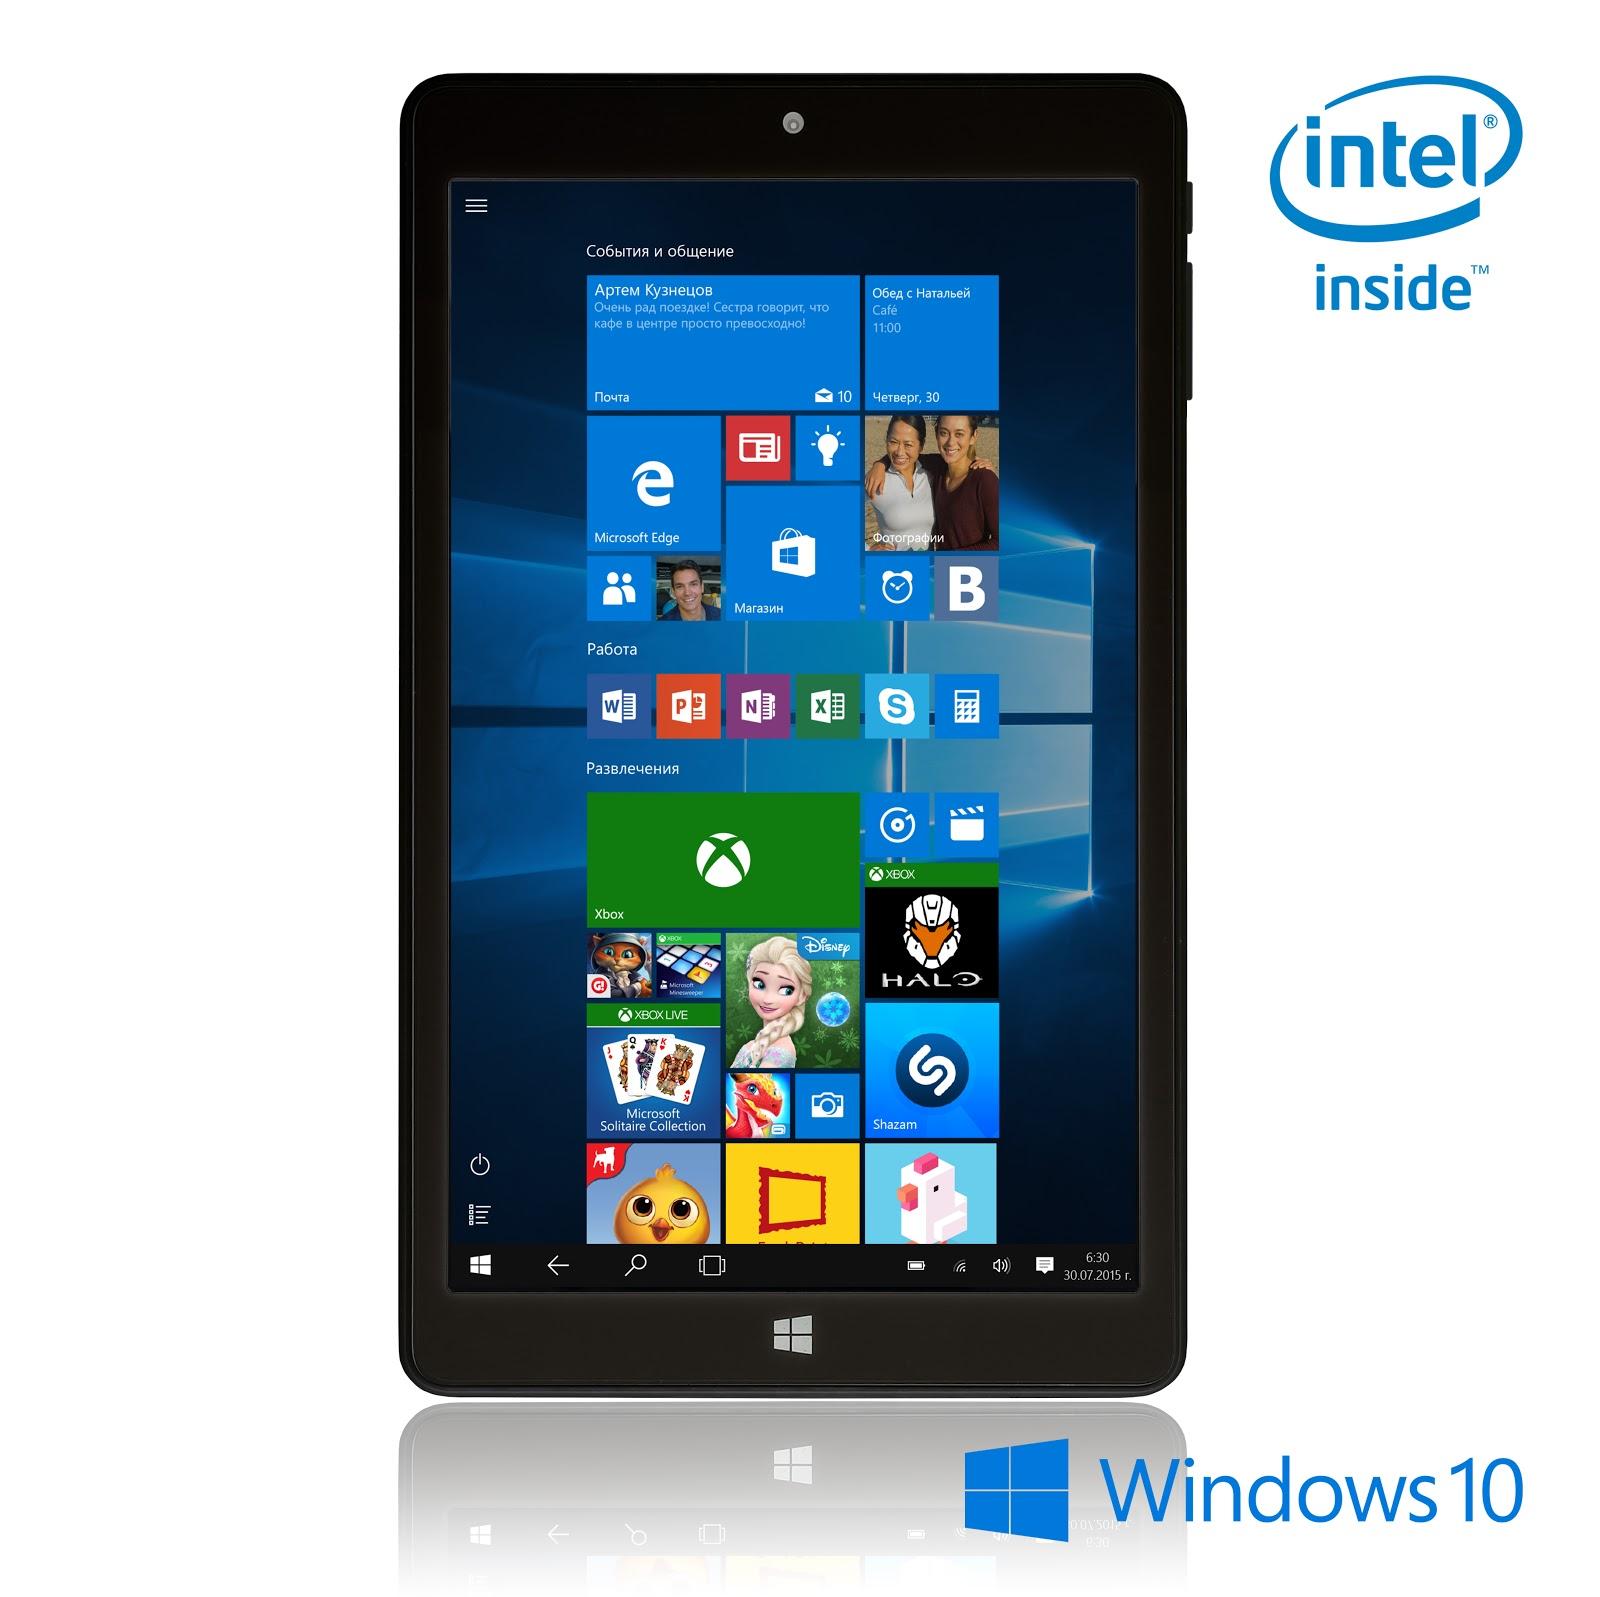 Обзор bb-mobile Techno W8.0 3G (Q800AY): бюджетный 8-дюймовый планшет на Windows 10 с 3G-модемом - 1